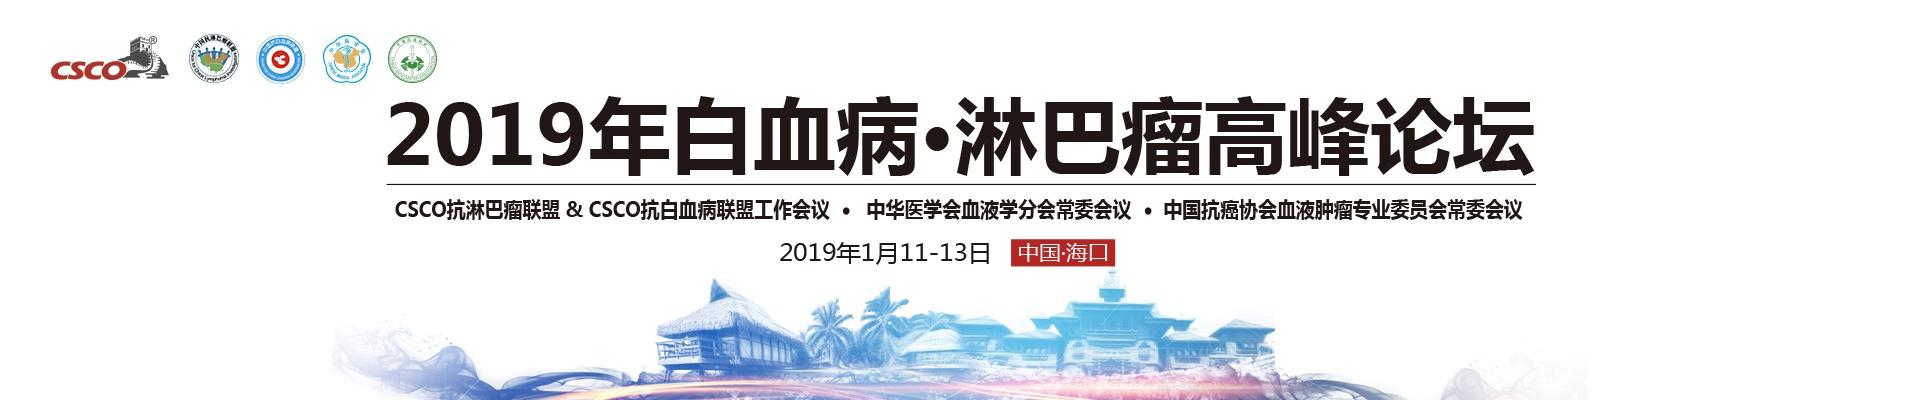 2019年白血病•淋巴瘤高峰论坛